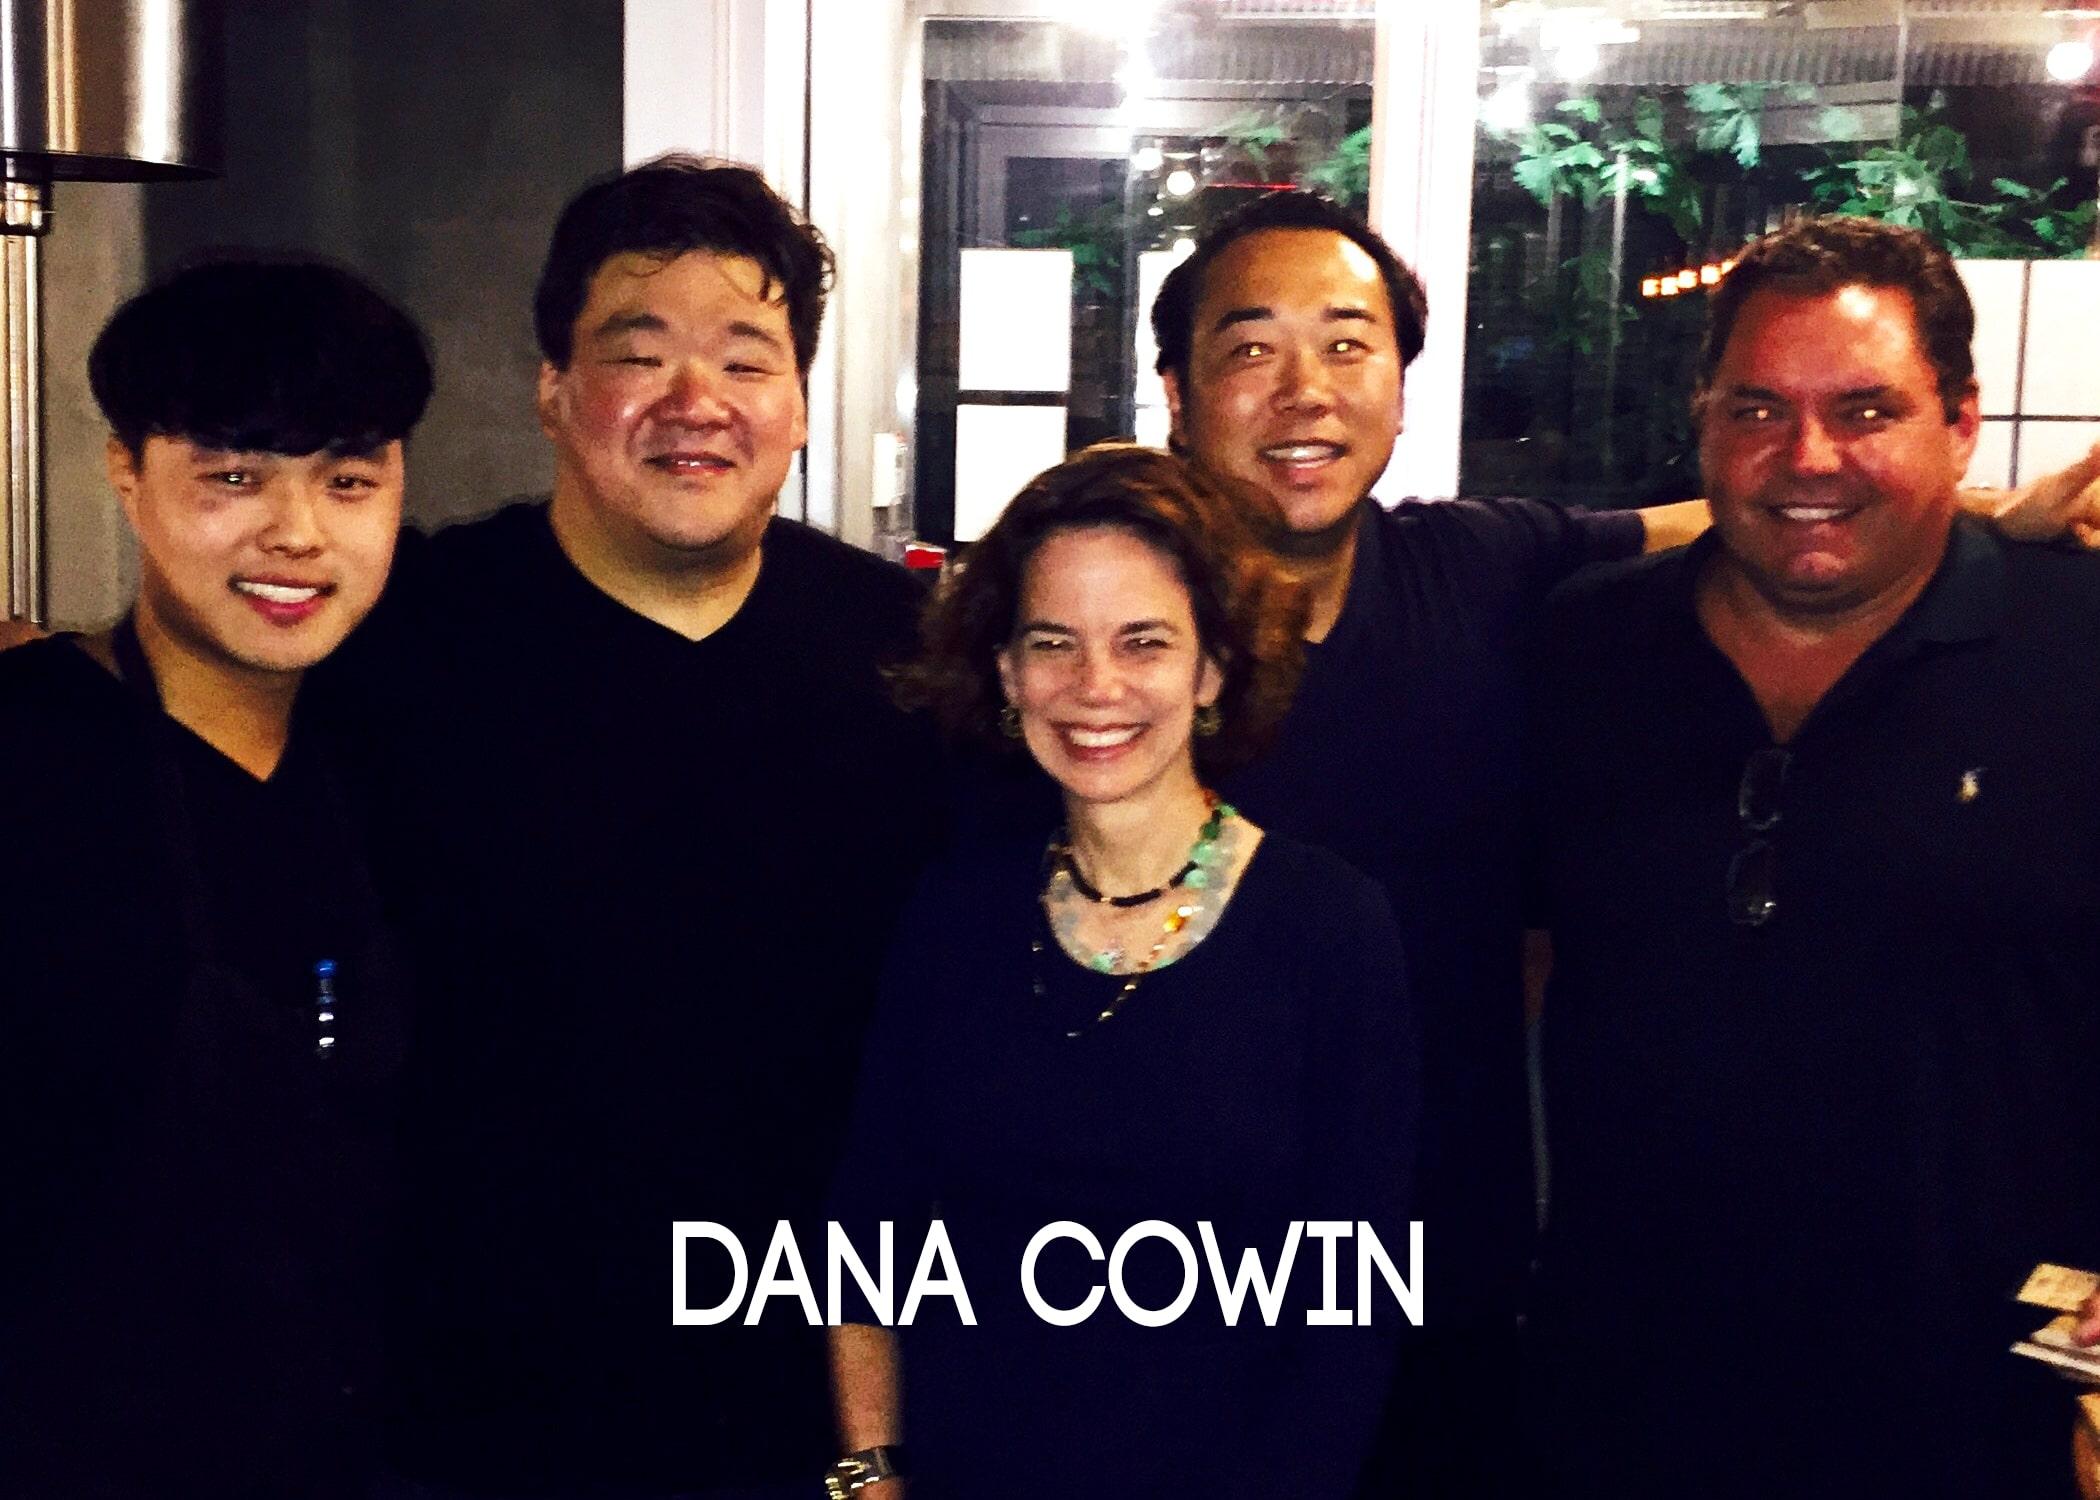 DanaCowin.jpg